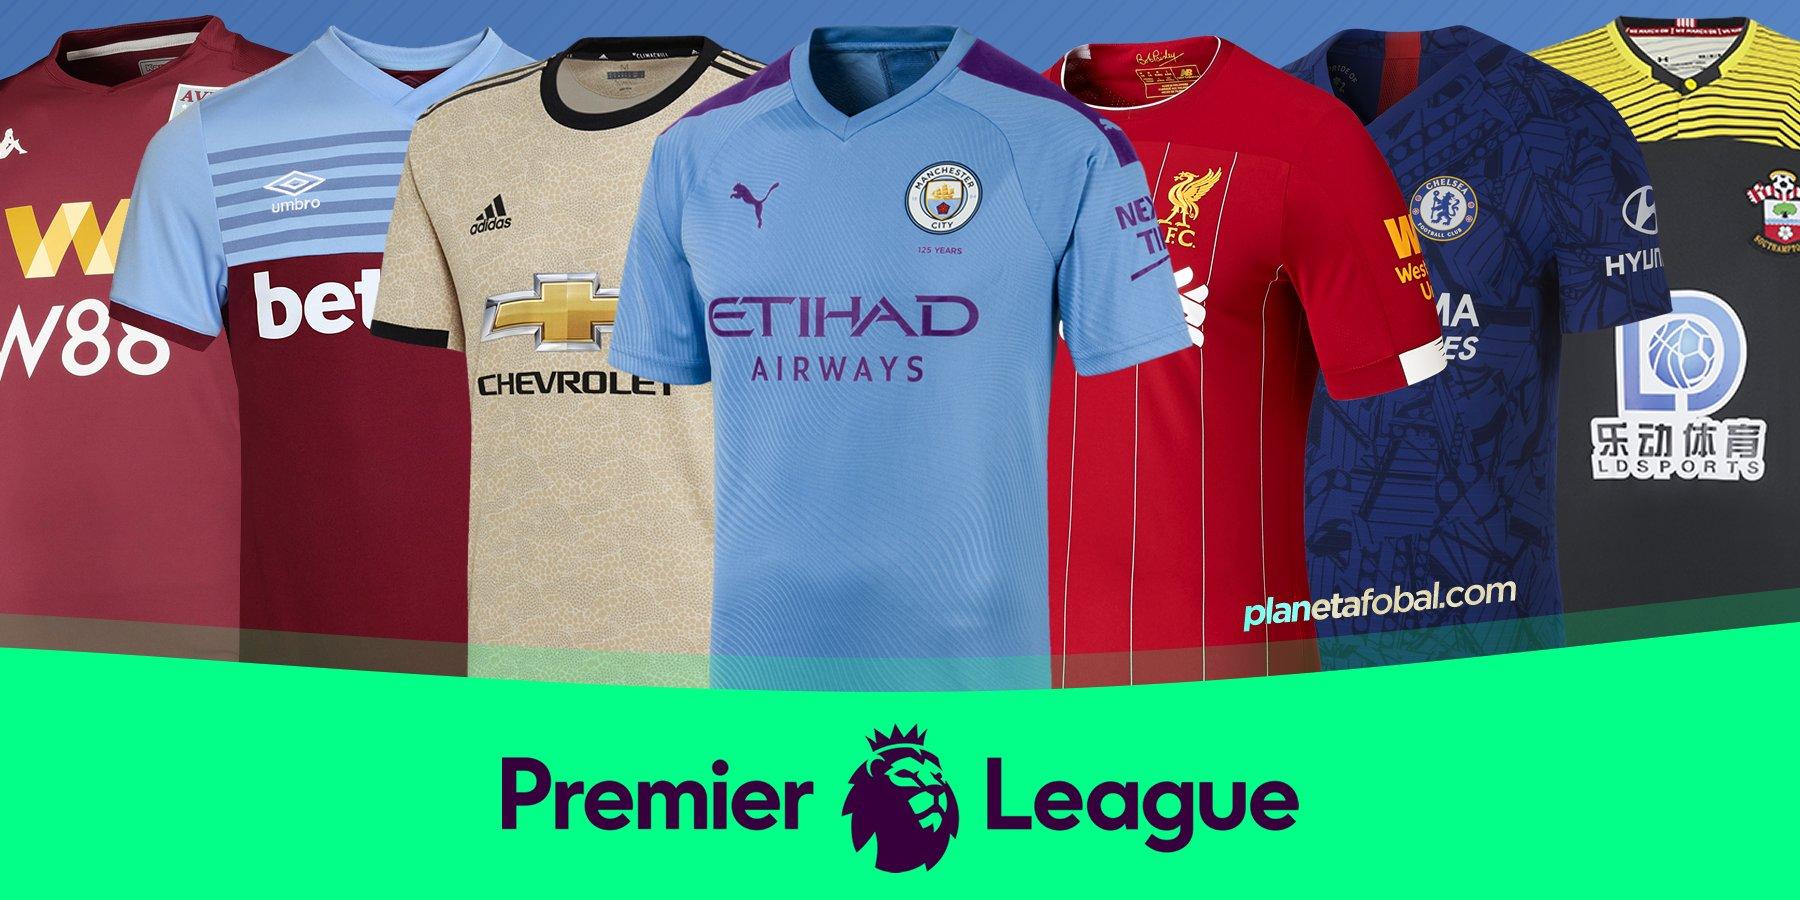 Caducado Superficial repetición  Camisetas de la Premier League 2019/20